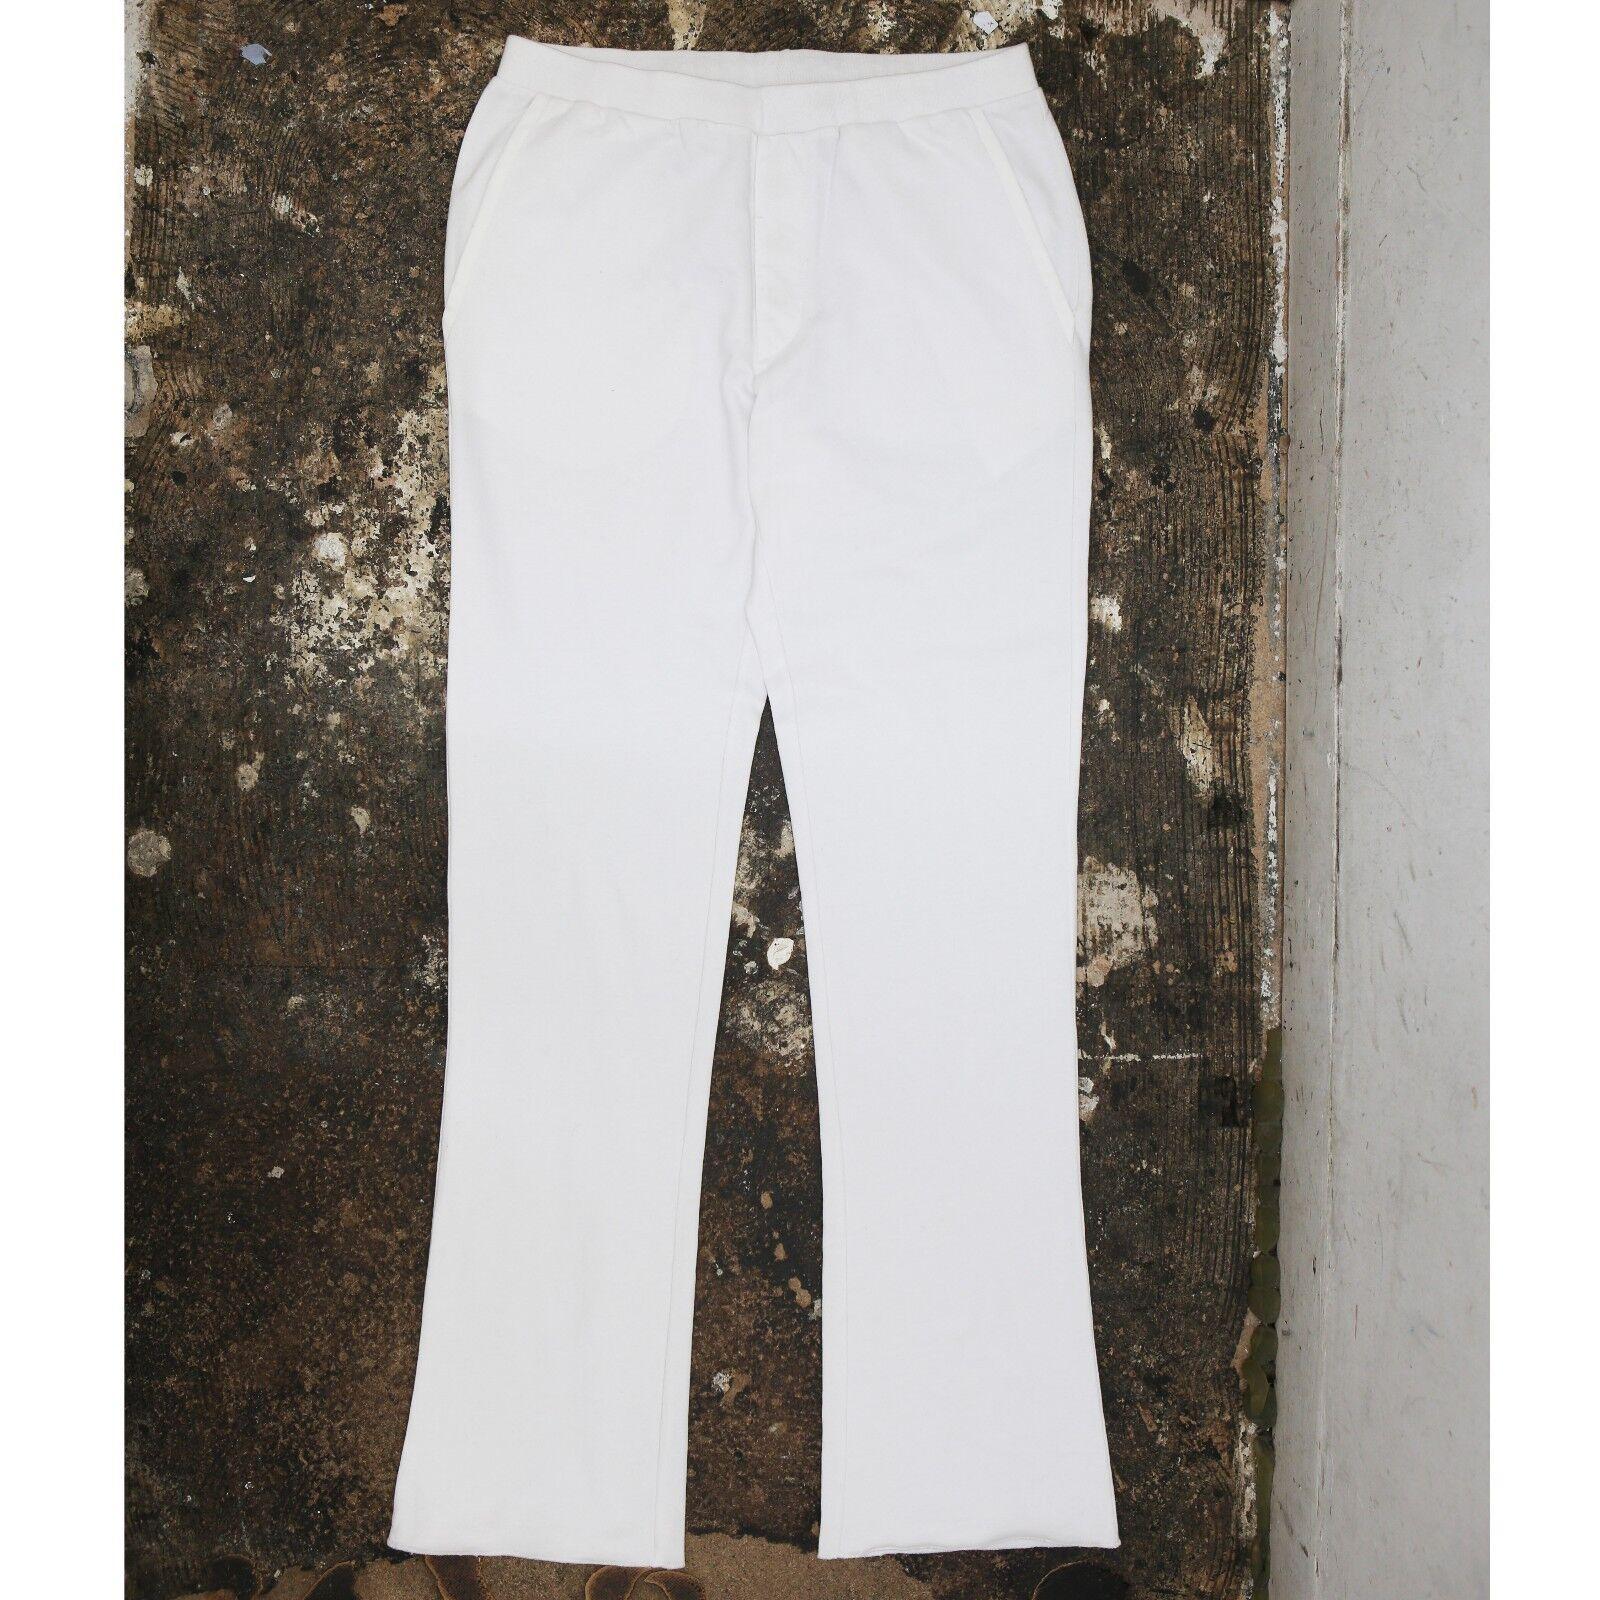 NUEVO Prada Linea Rossa whiteo Pantalones De Chándal Con Etiqueta vintage